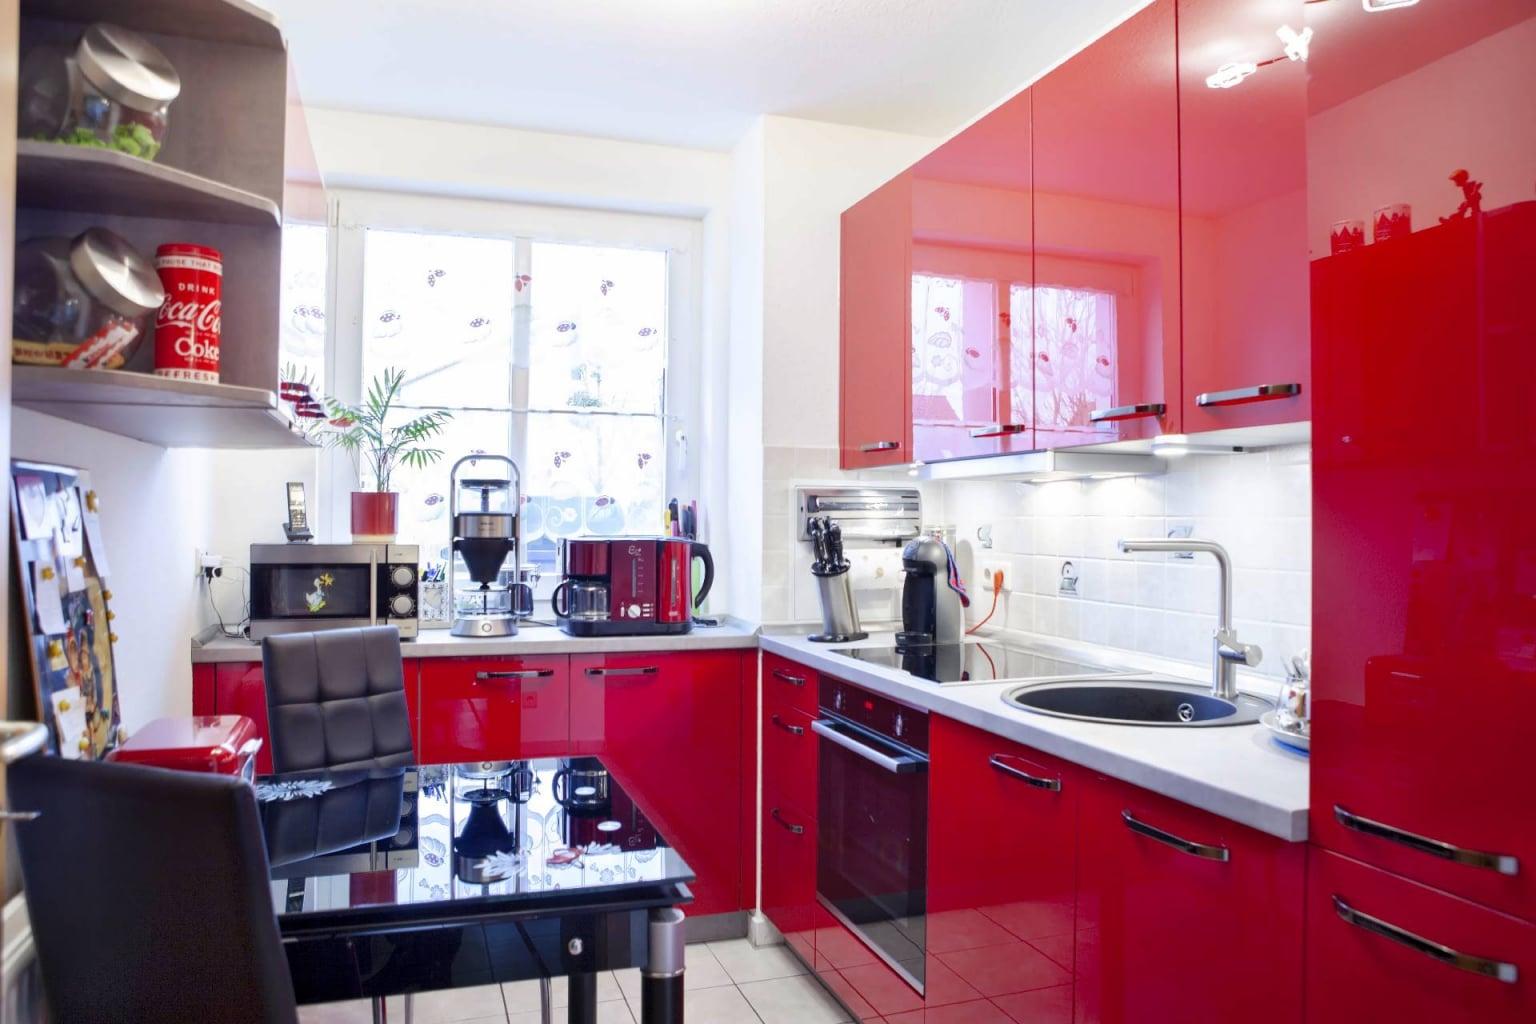 Hochglanz Küche in Echtlack Kirschrot (5)